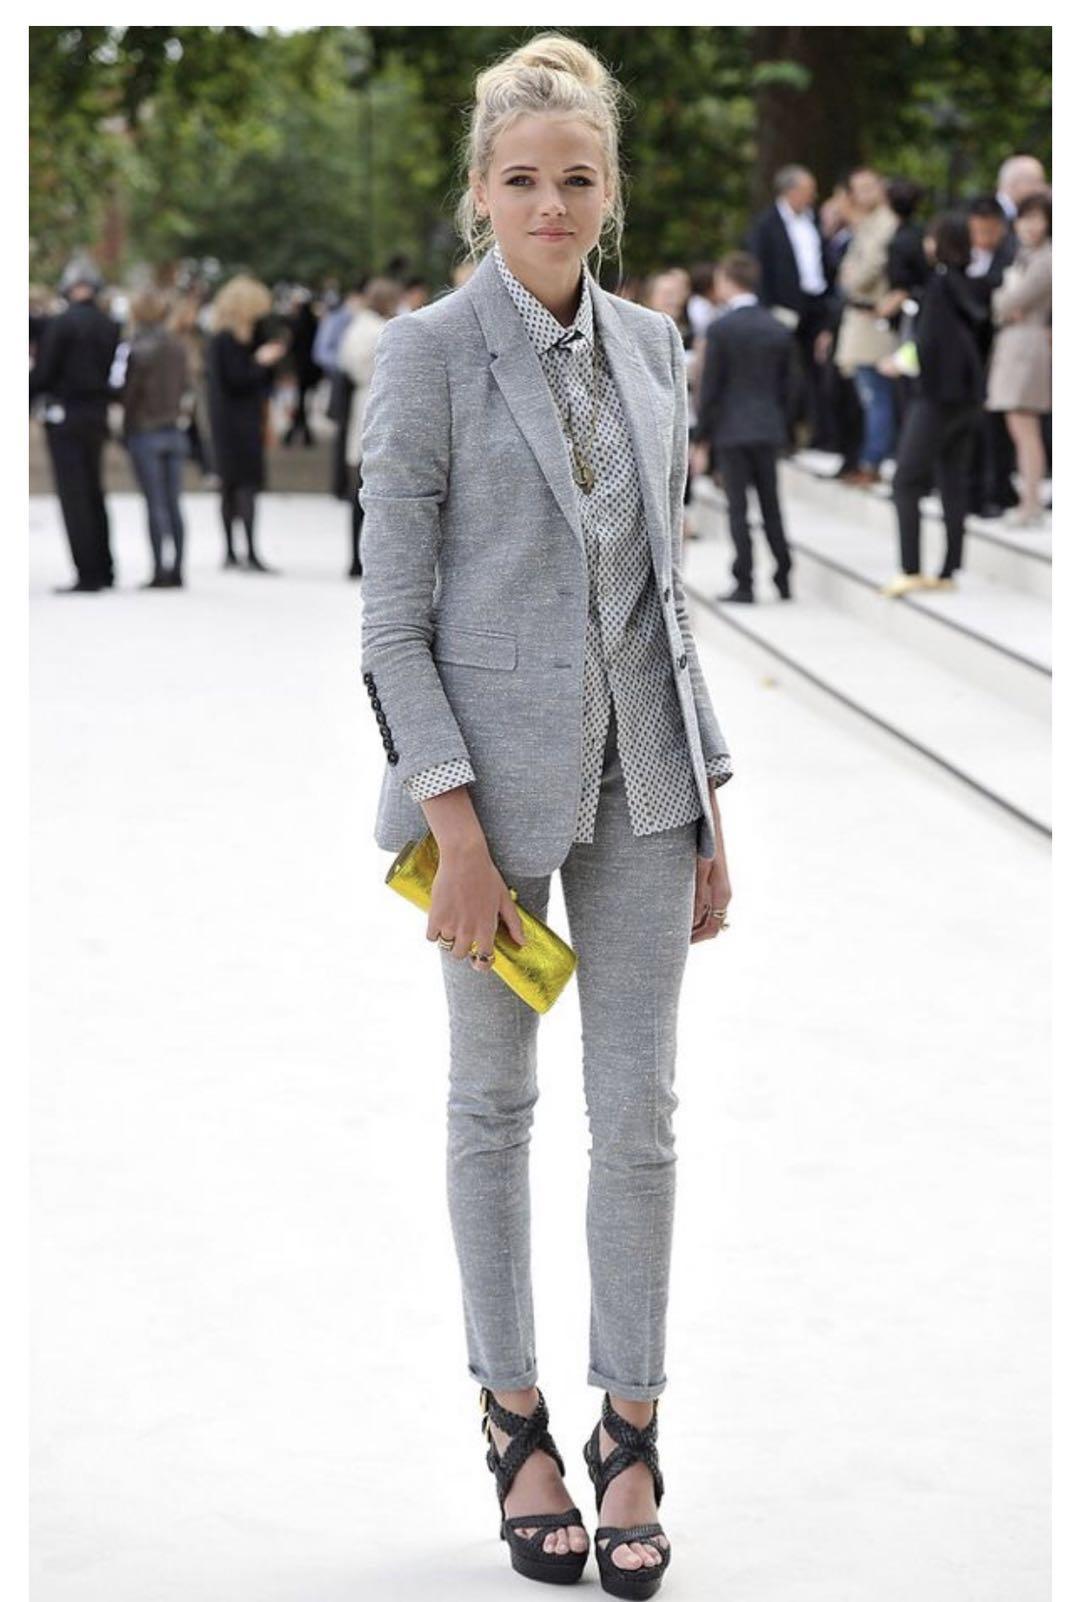 Spring Autumn Fashion Women's Business Pants Suits Suits For Women 2 Pieces Set